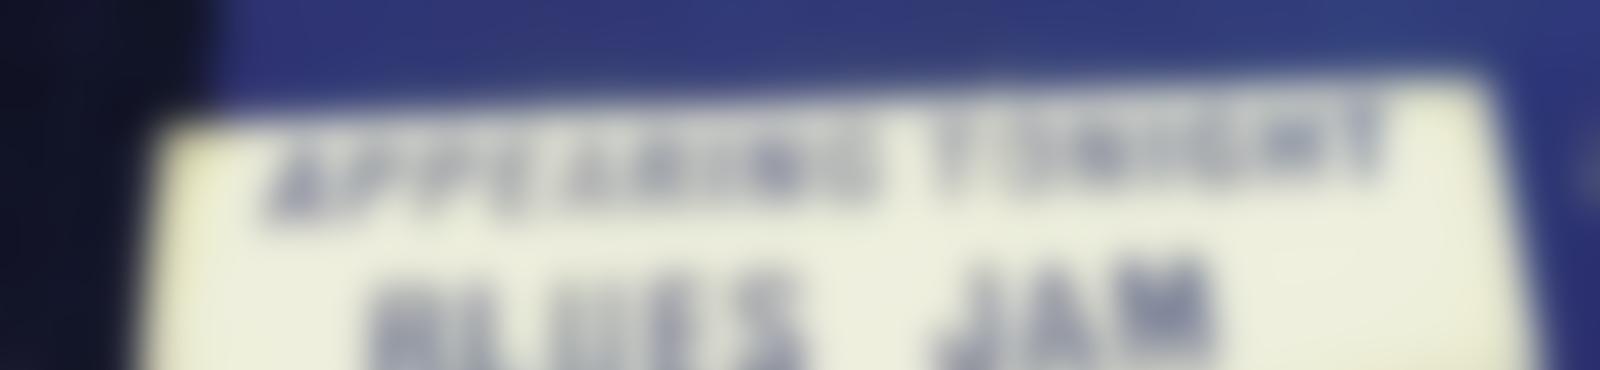 Blurred 20a2957d 7519 4f30 8253 8f4aa39ed029